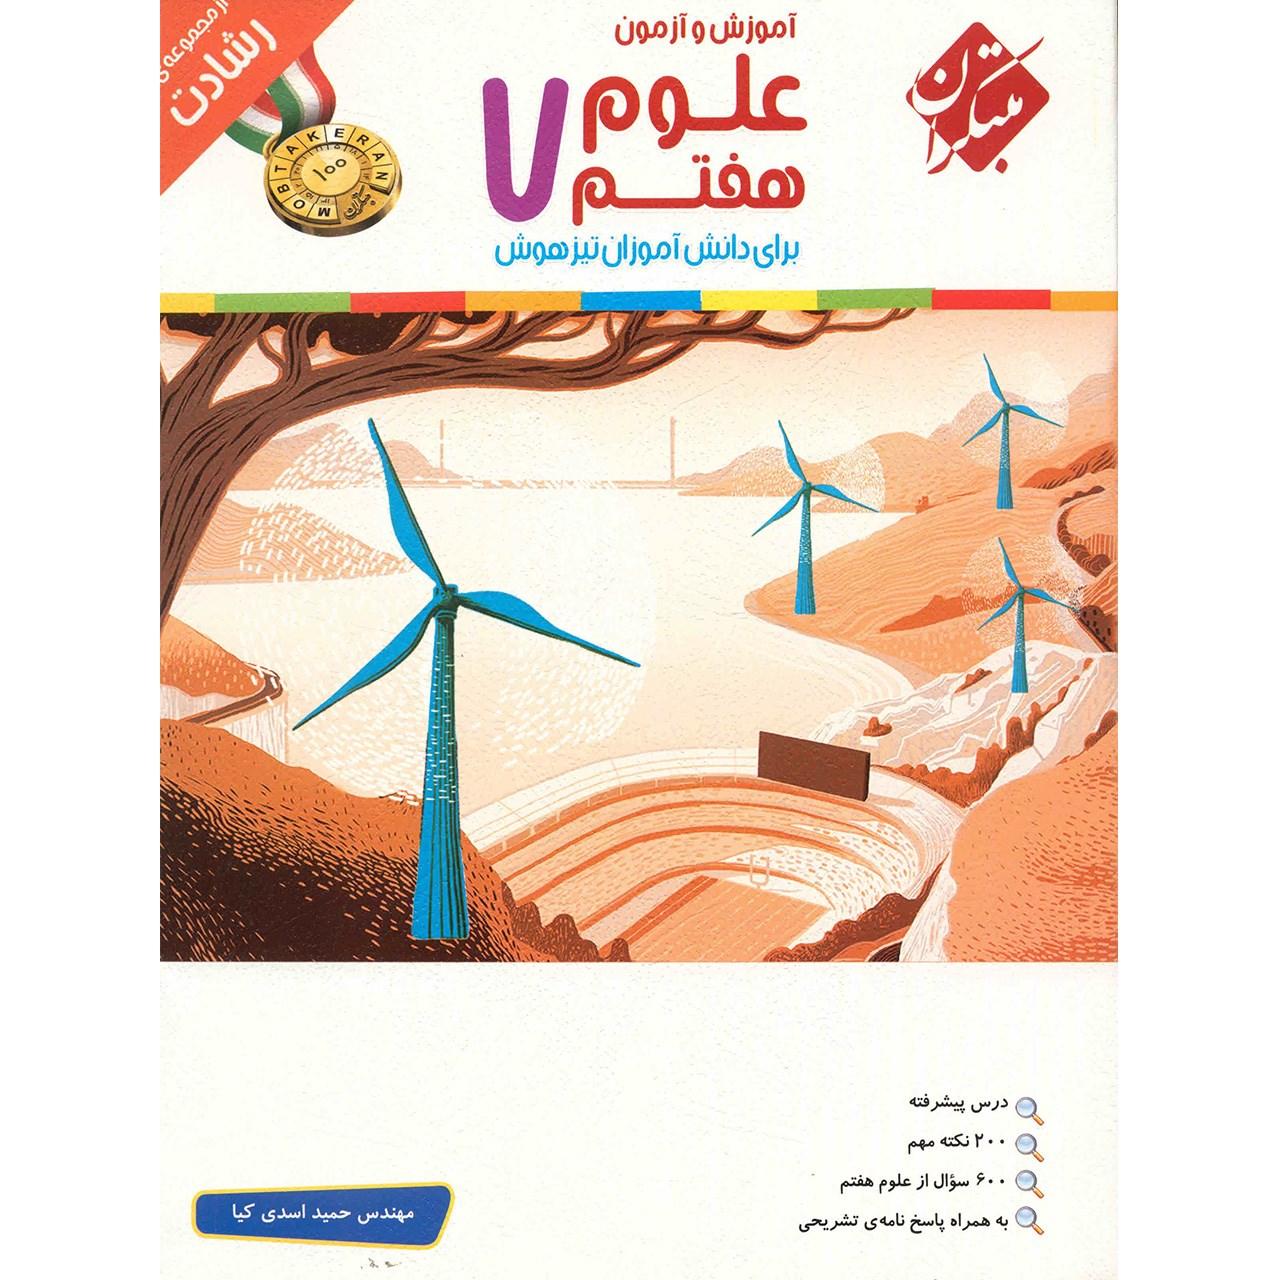 کتاب آموزش و آزمون علوم هفتم  مبتکران اثر حمید اسدی کیا - رشادت